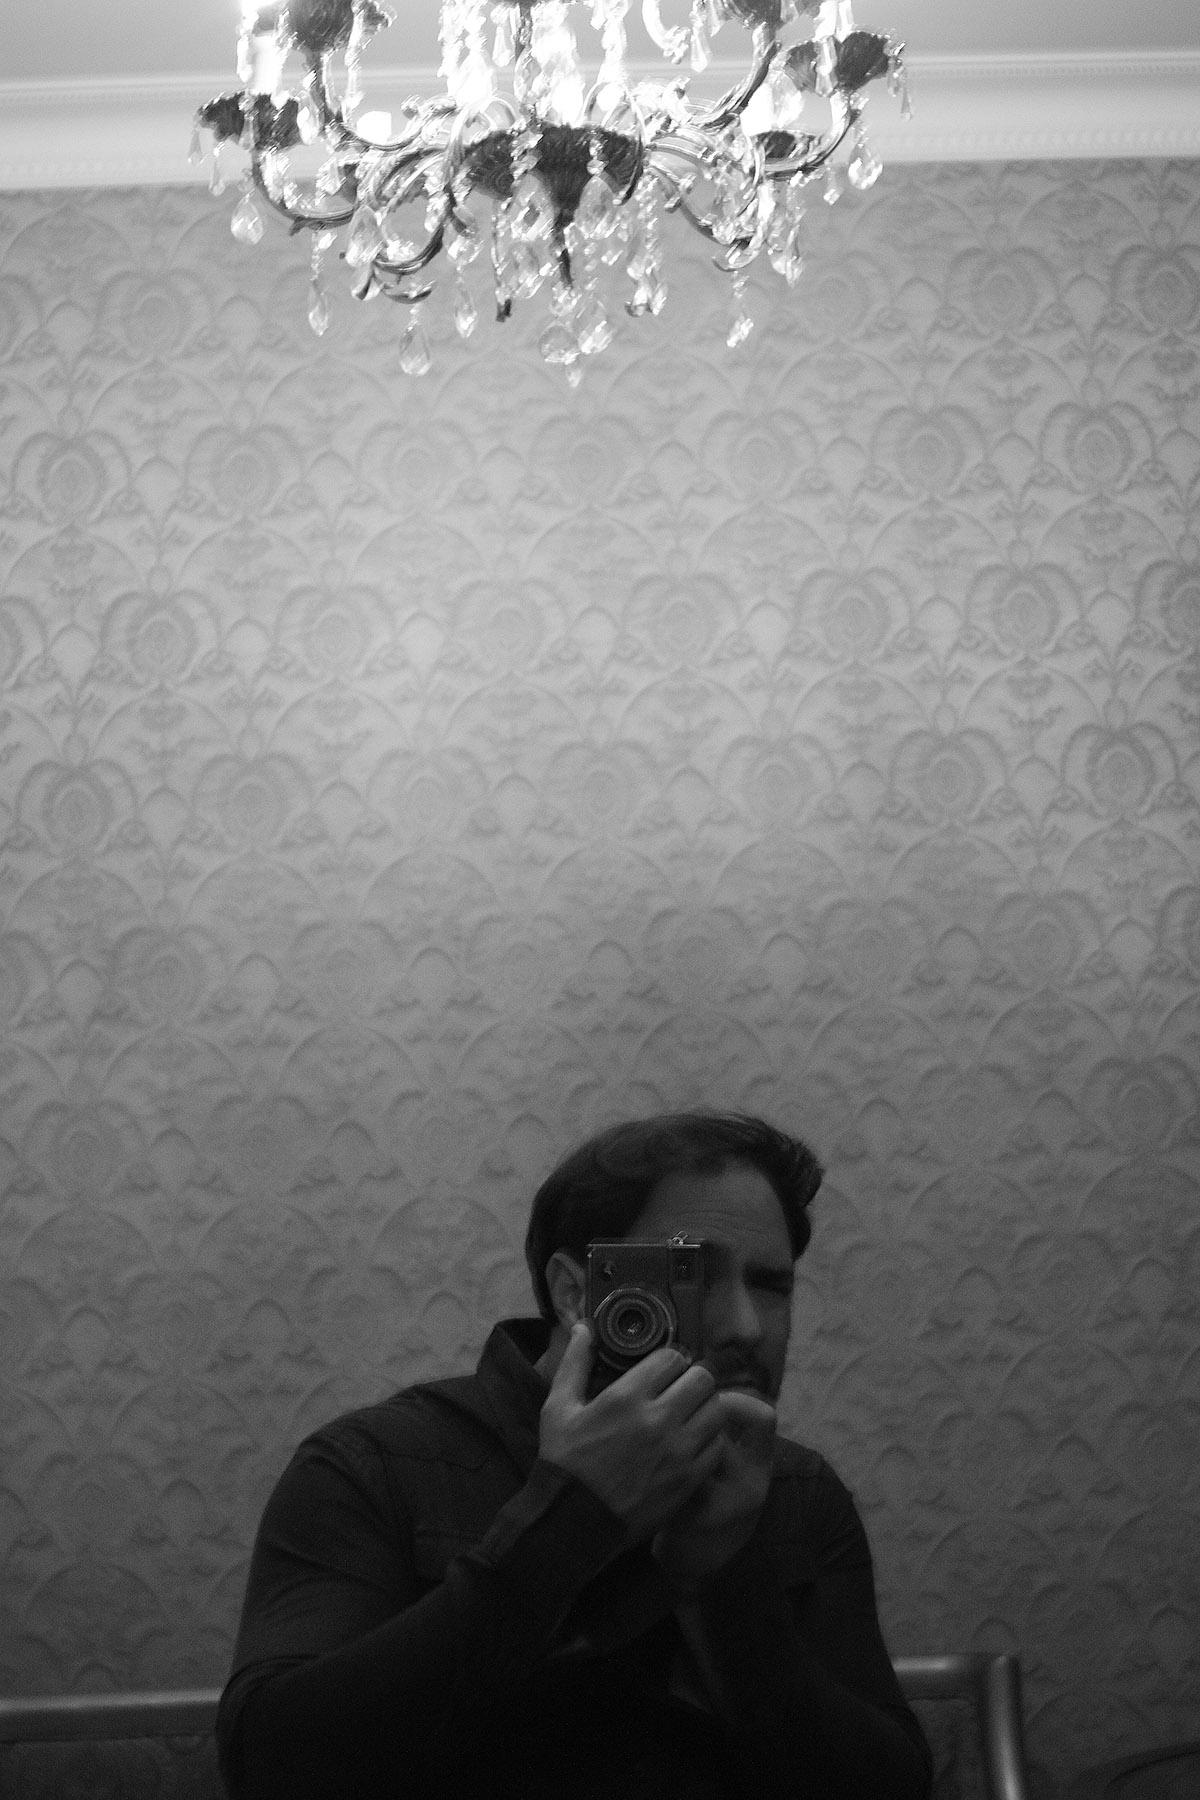 Letonia. Autorretrato - Behind the lens - JOSE V. GLEZ